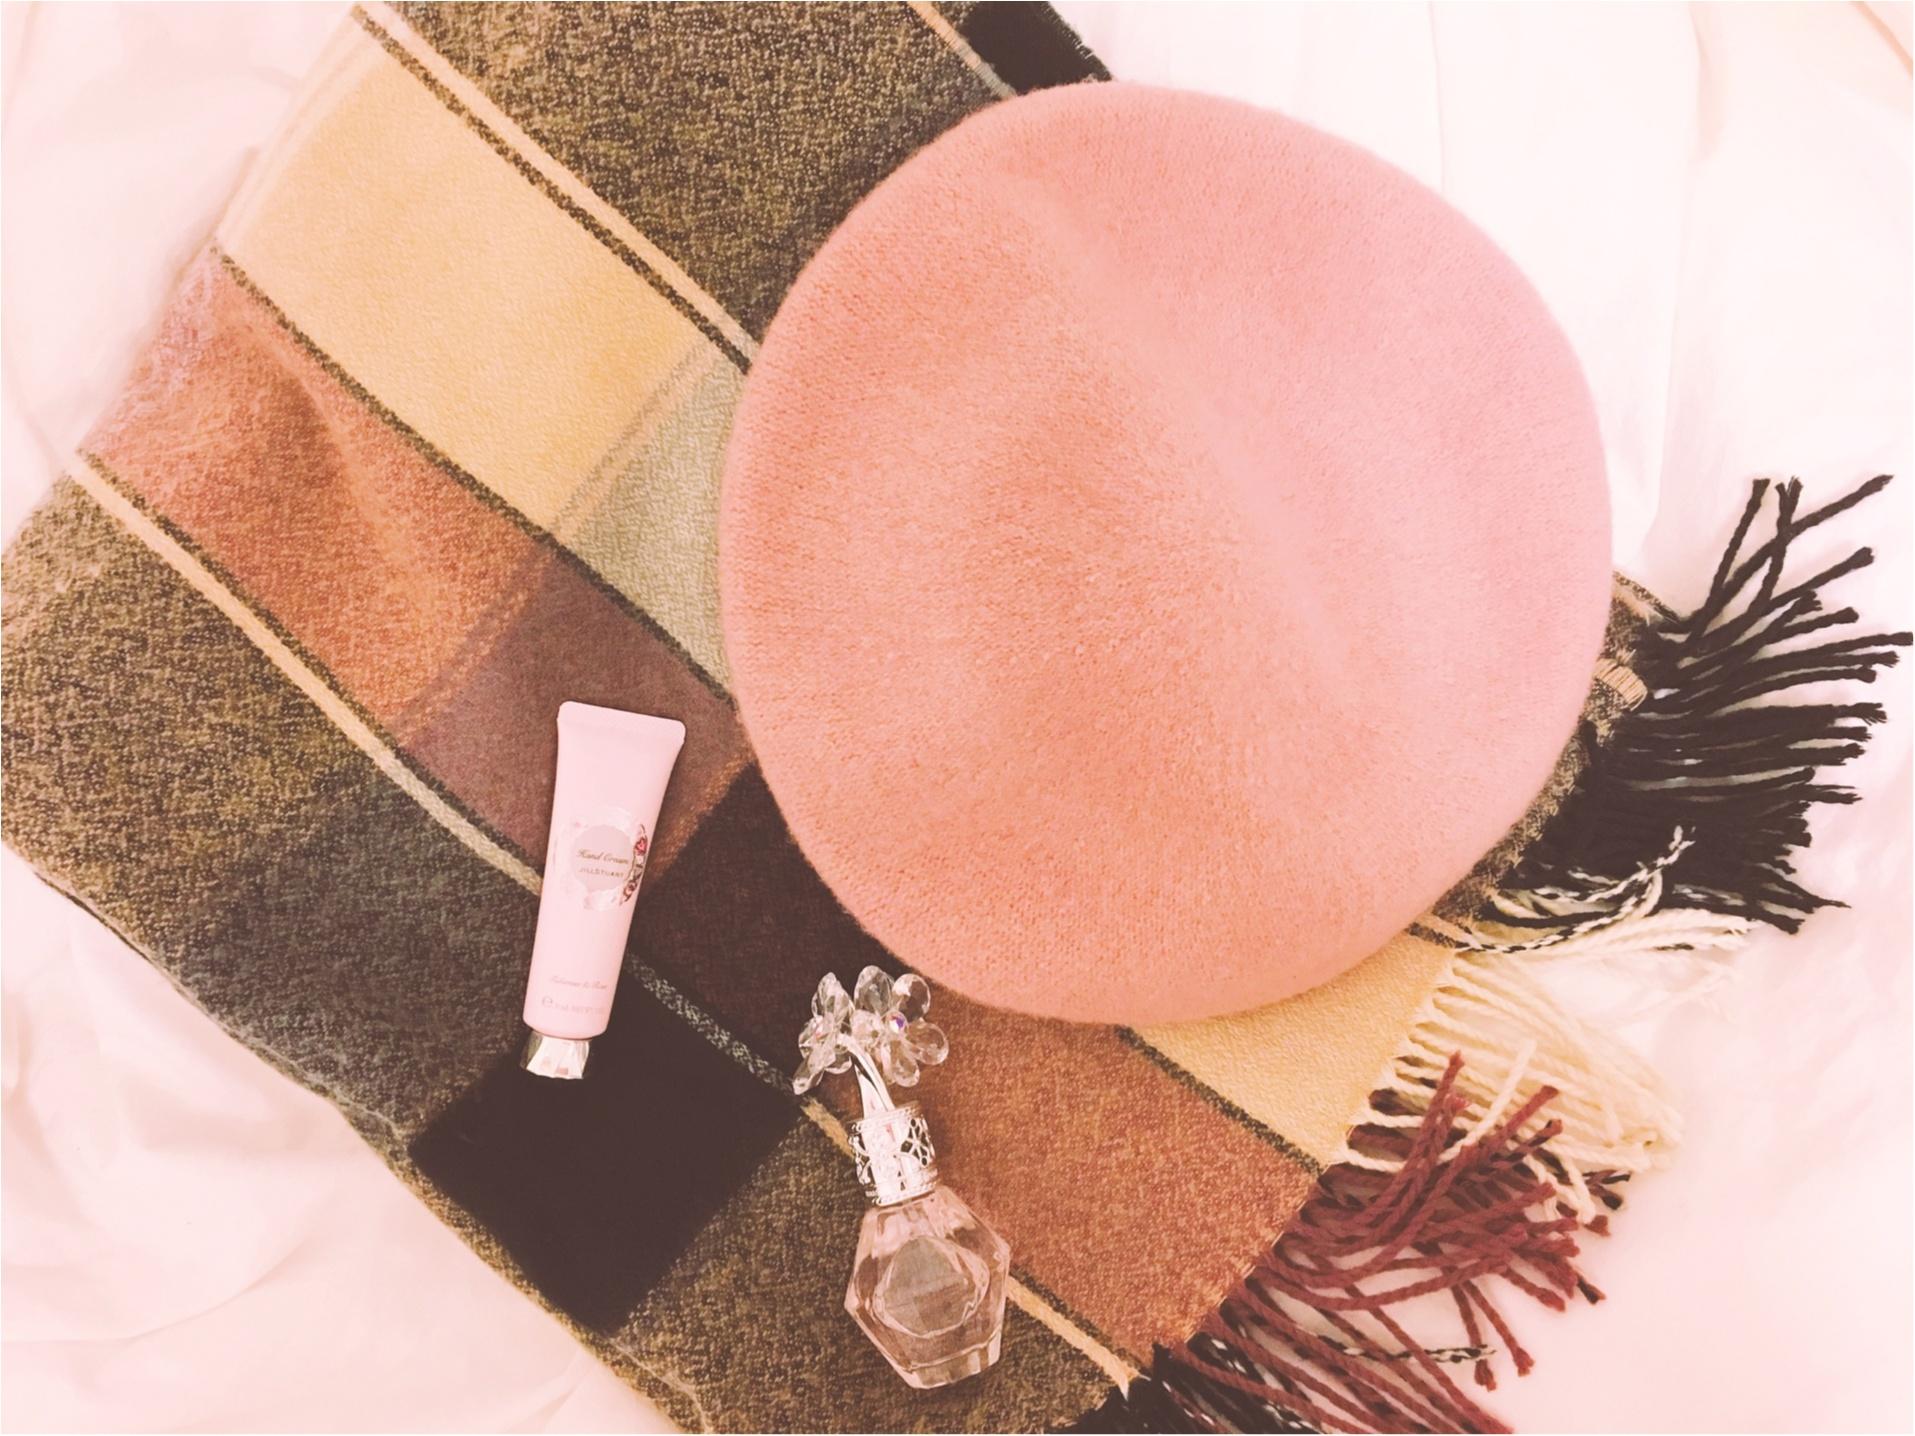 【GU(ジーユー)】今期トレンドのベレー帽を取り入れたコーデ♡_1